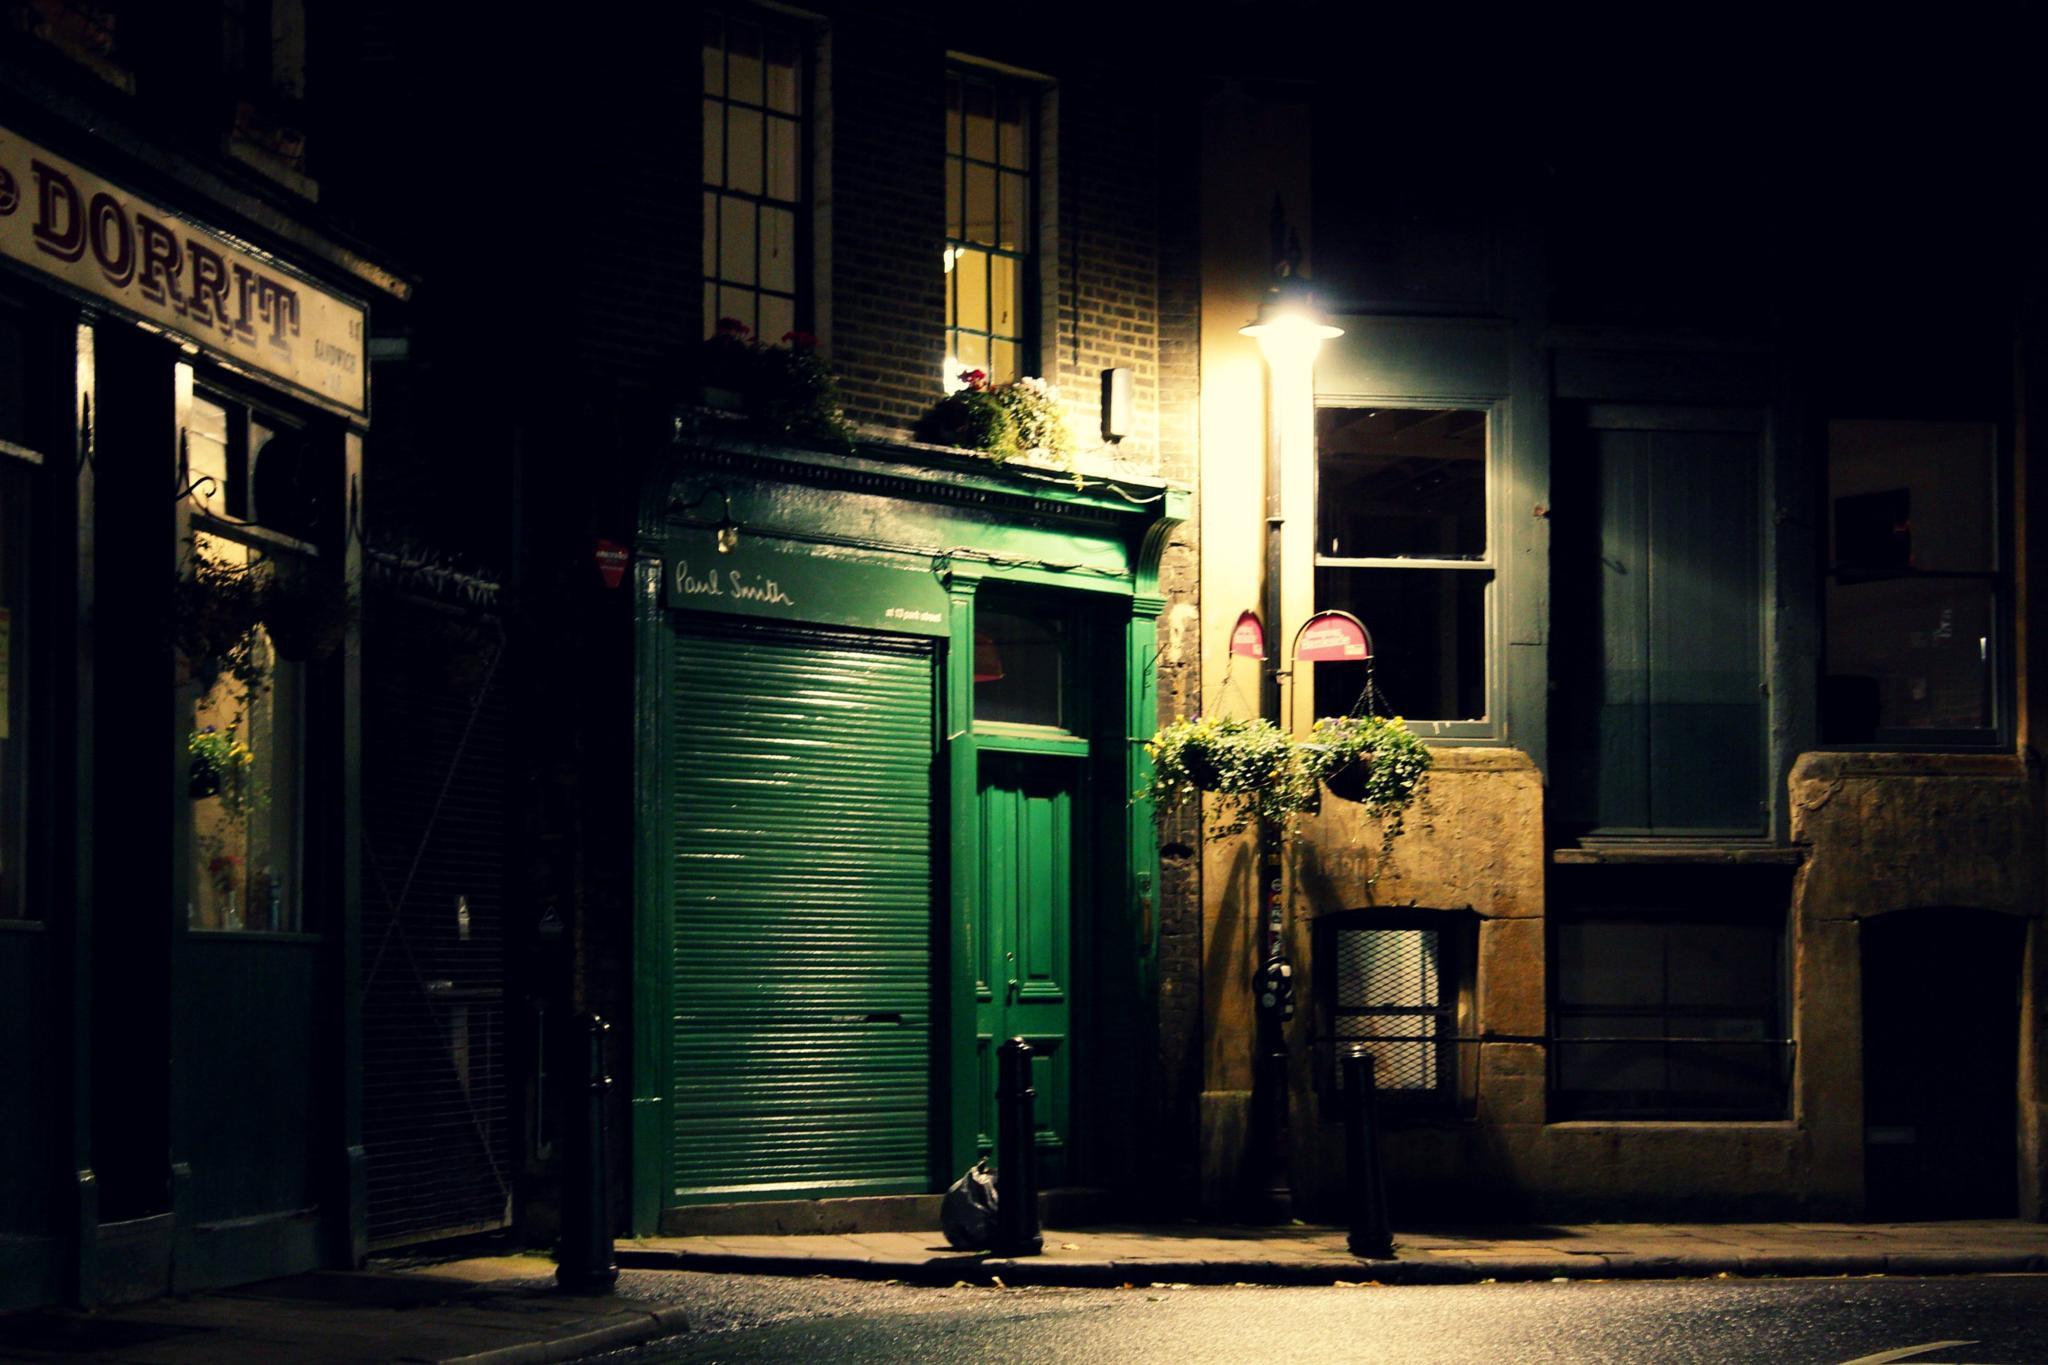 London 01 by Luca Hennig